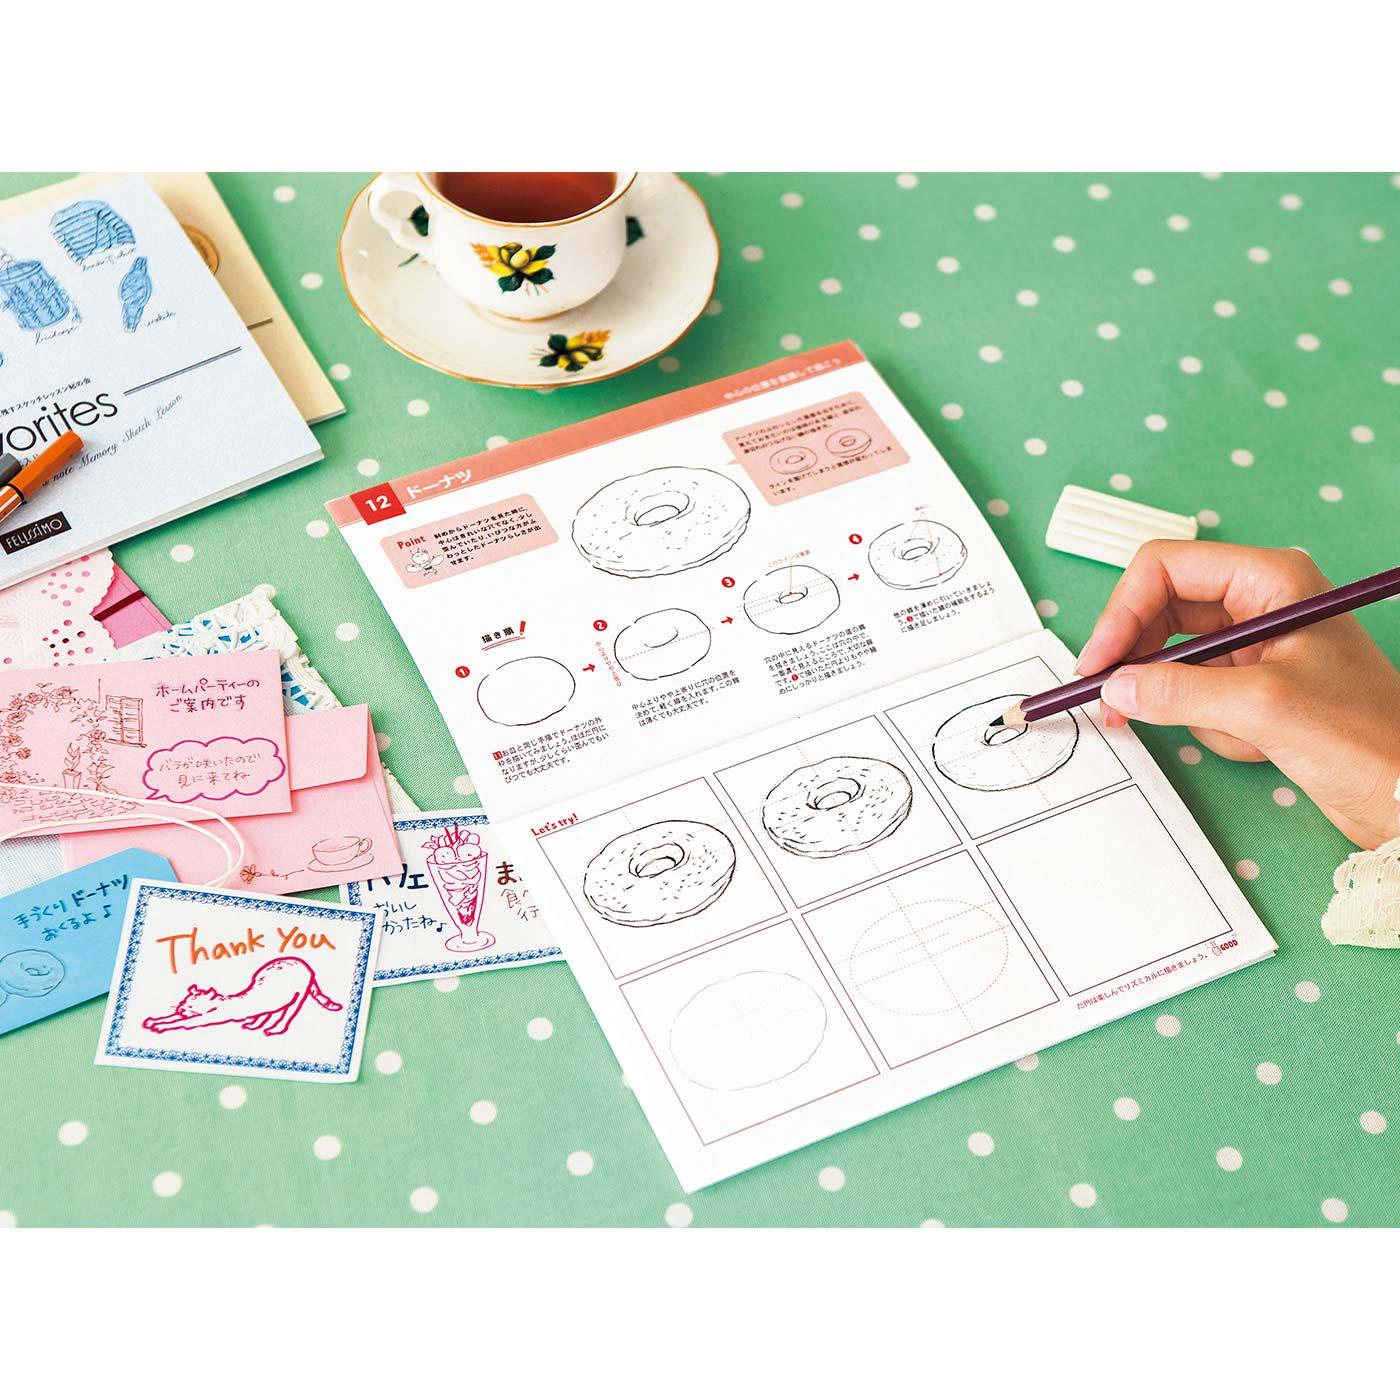 繰り返し描くたびに、描くポイントやタッチを手が覚えます! Lesson1の基本から順に続けると上達しますよ!